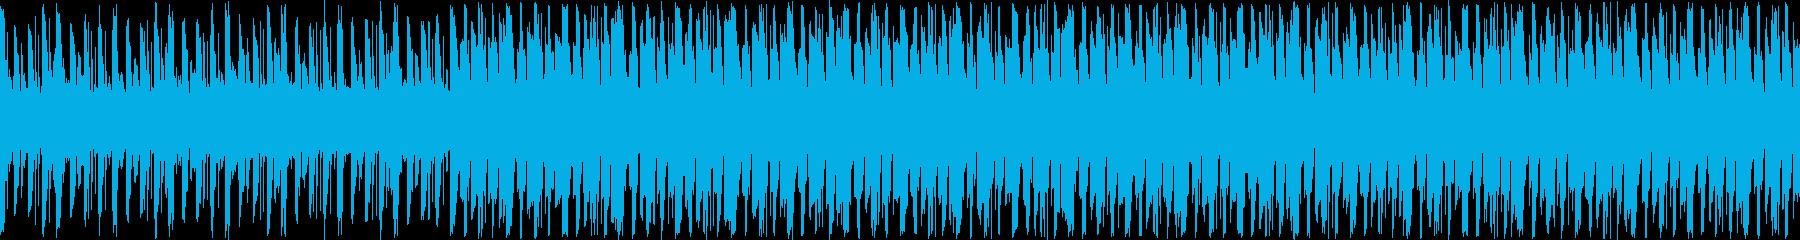 マリンバによる切なく冷たいループ曲の再生済みの波形